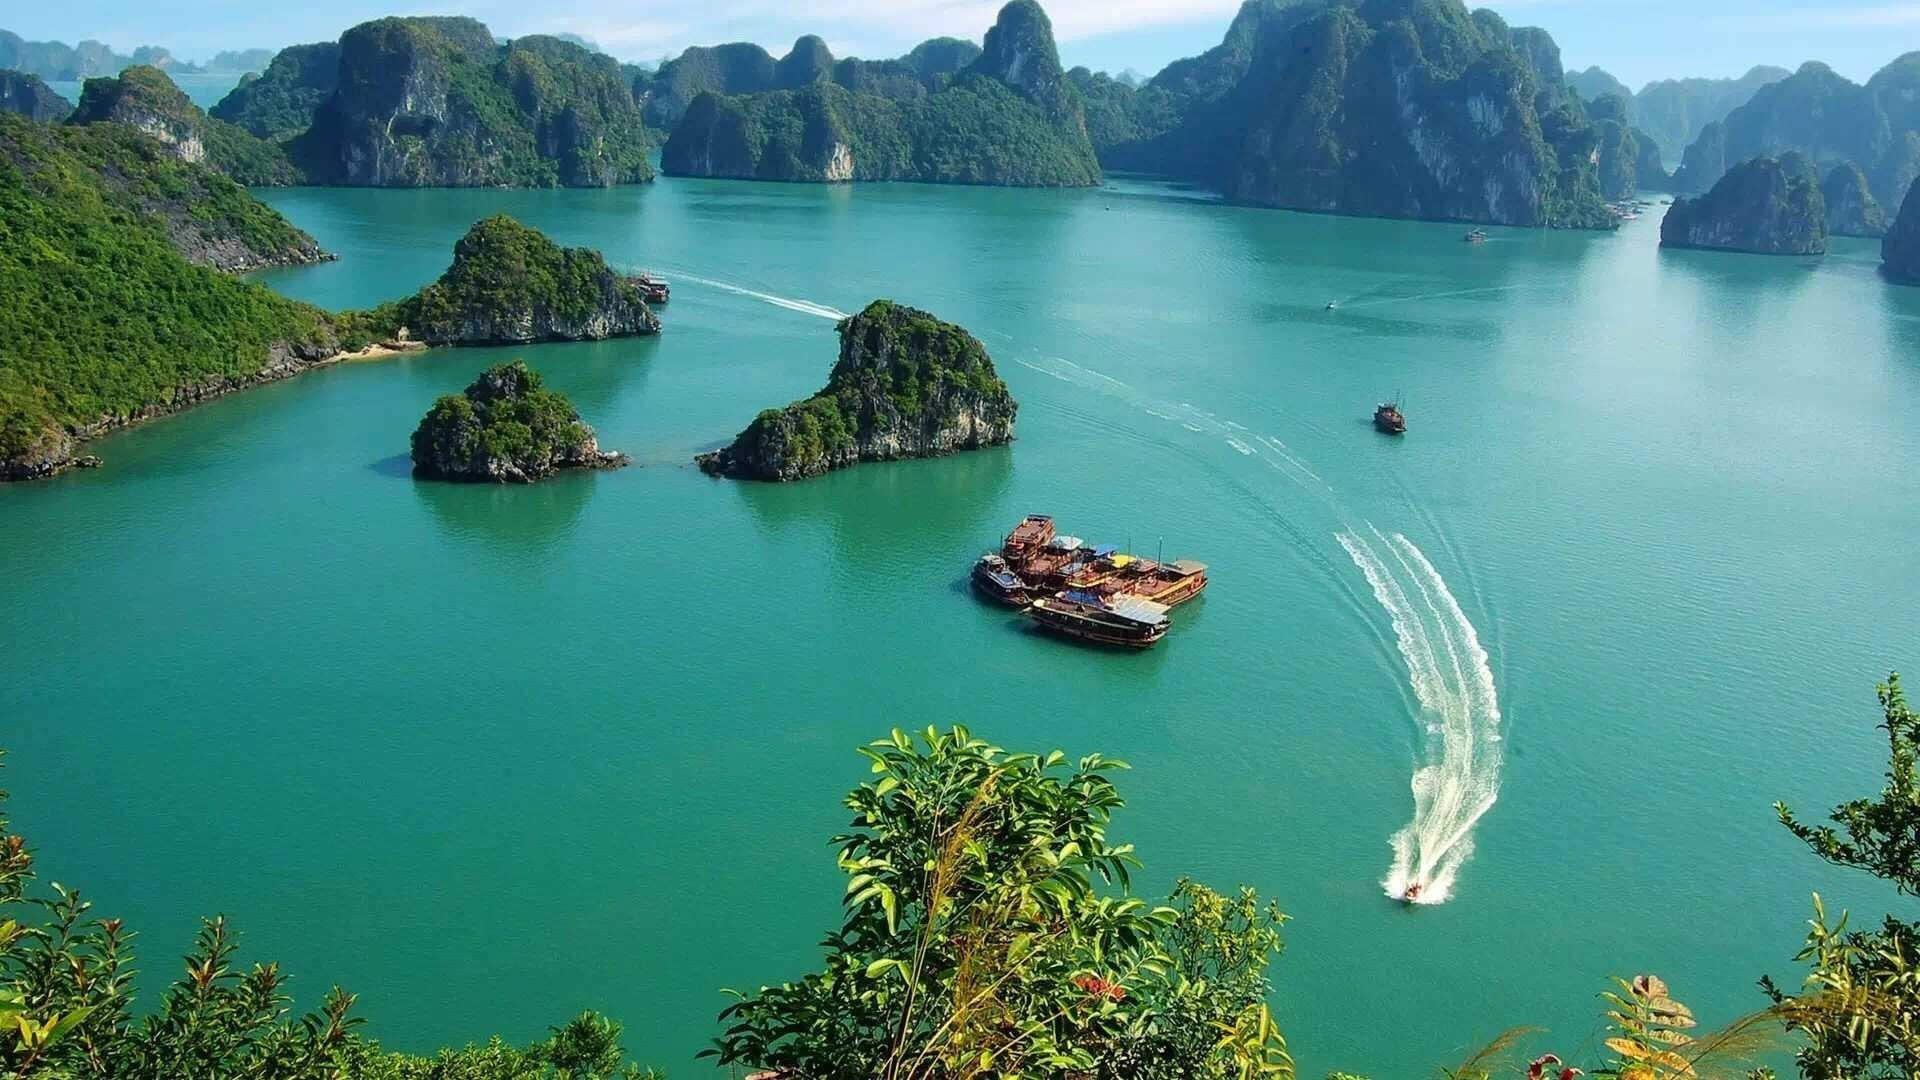 有越南商务考察吗